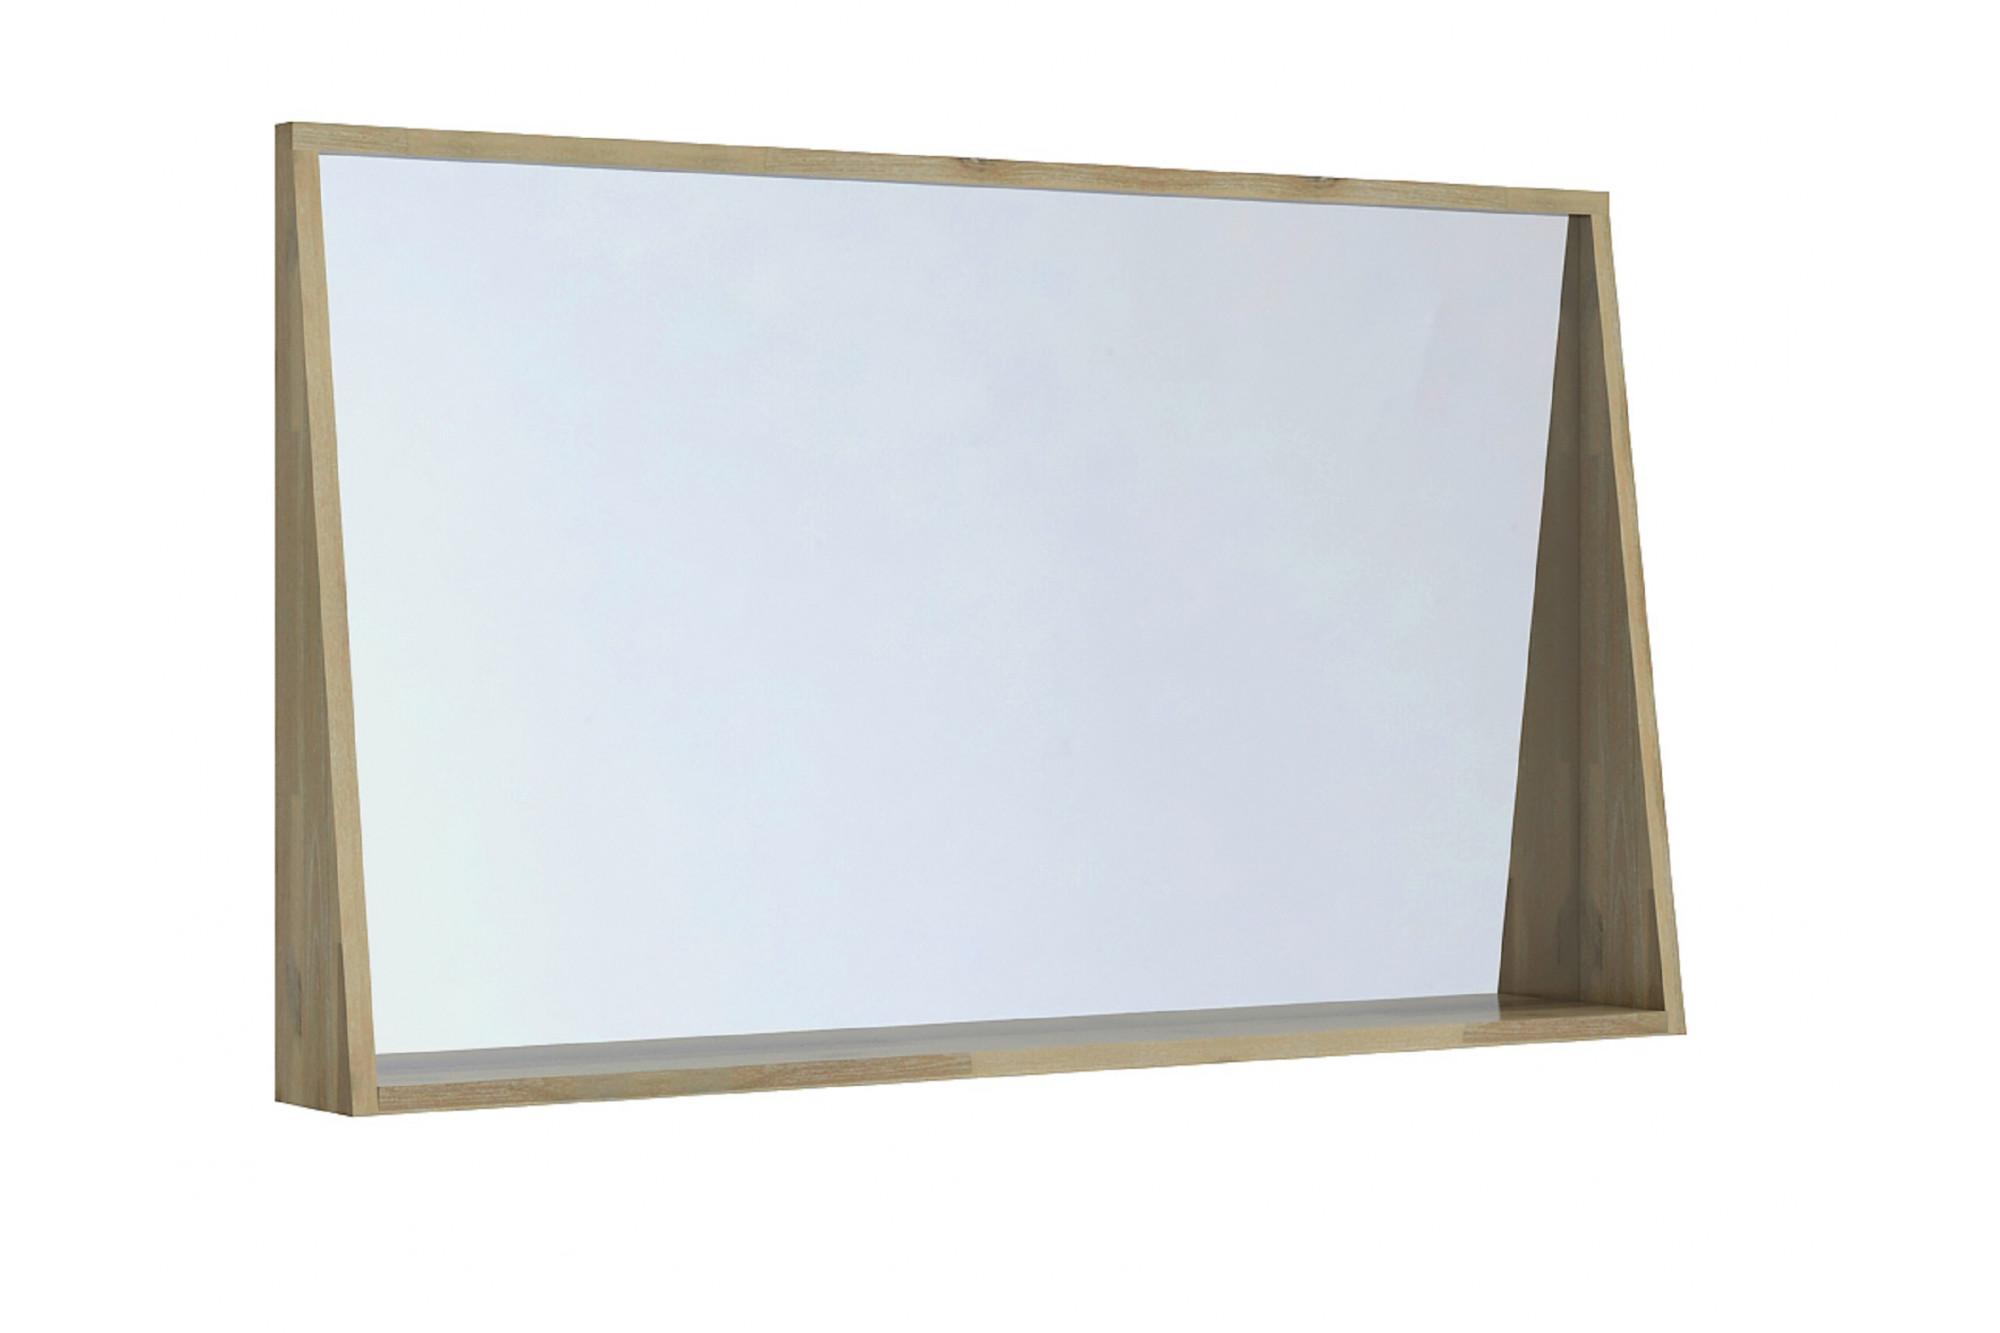 Miroir Salle De Bain 120 grand miroir pour salle de bain en bois massif 120 cm - hellin